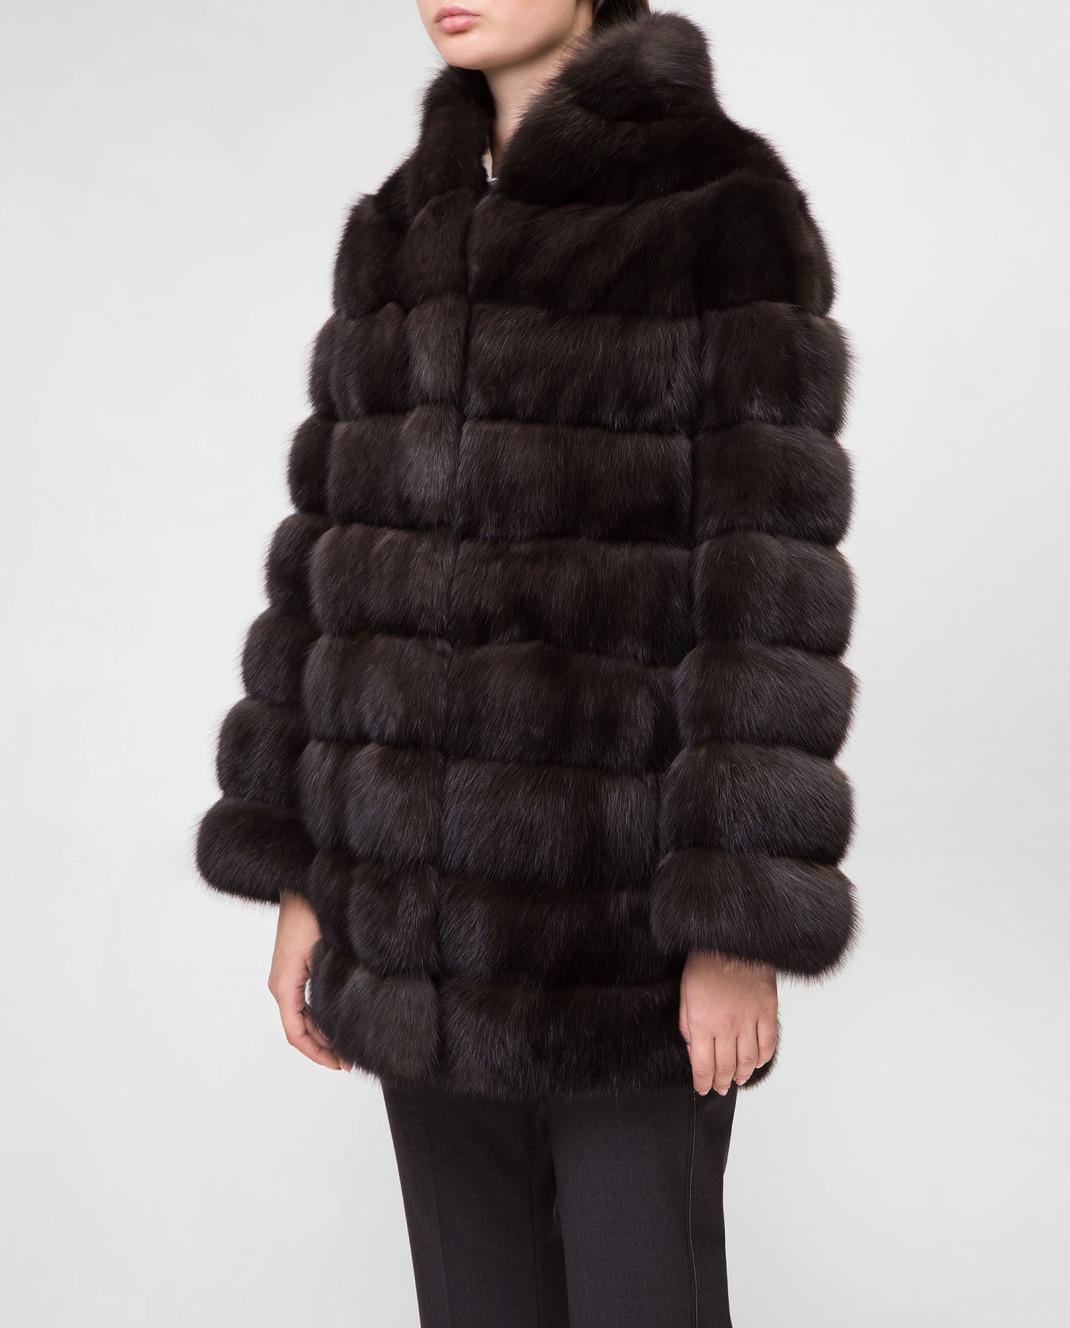 Real Furs House Черное меховое пальто SBR29548DARK изображение 3